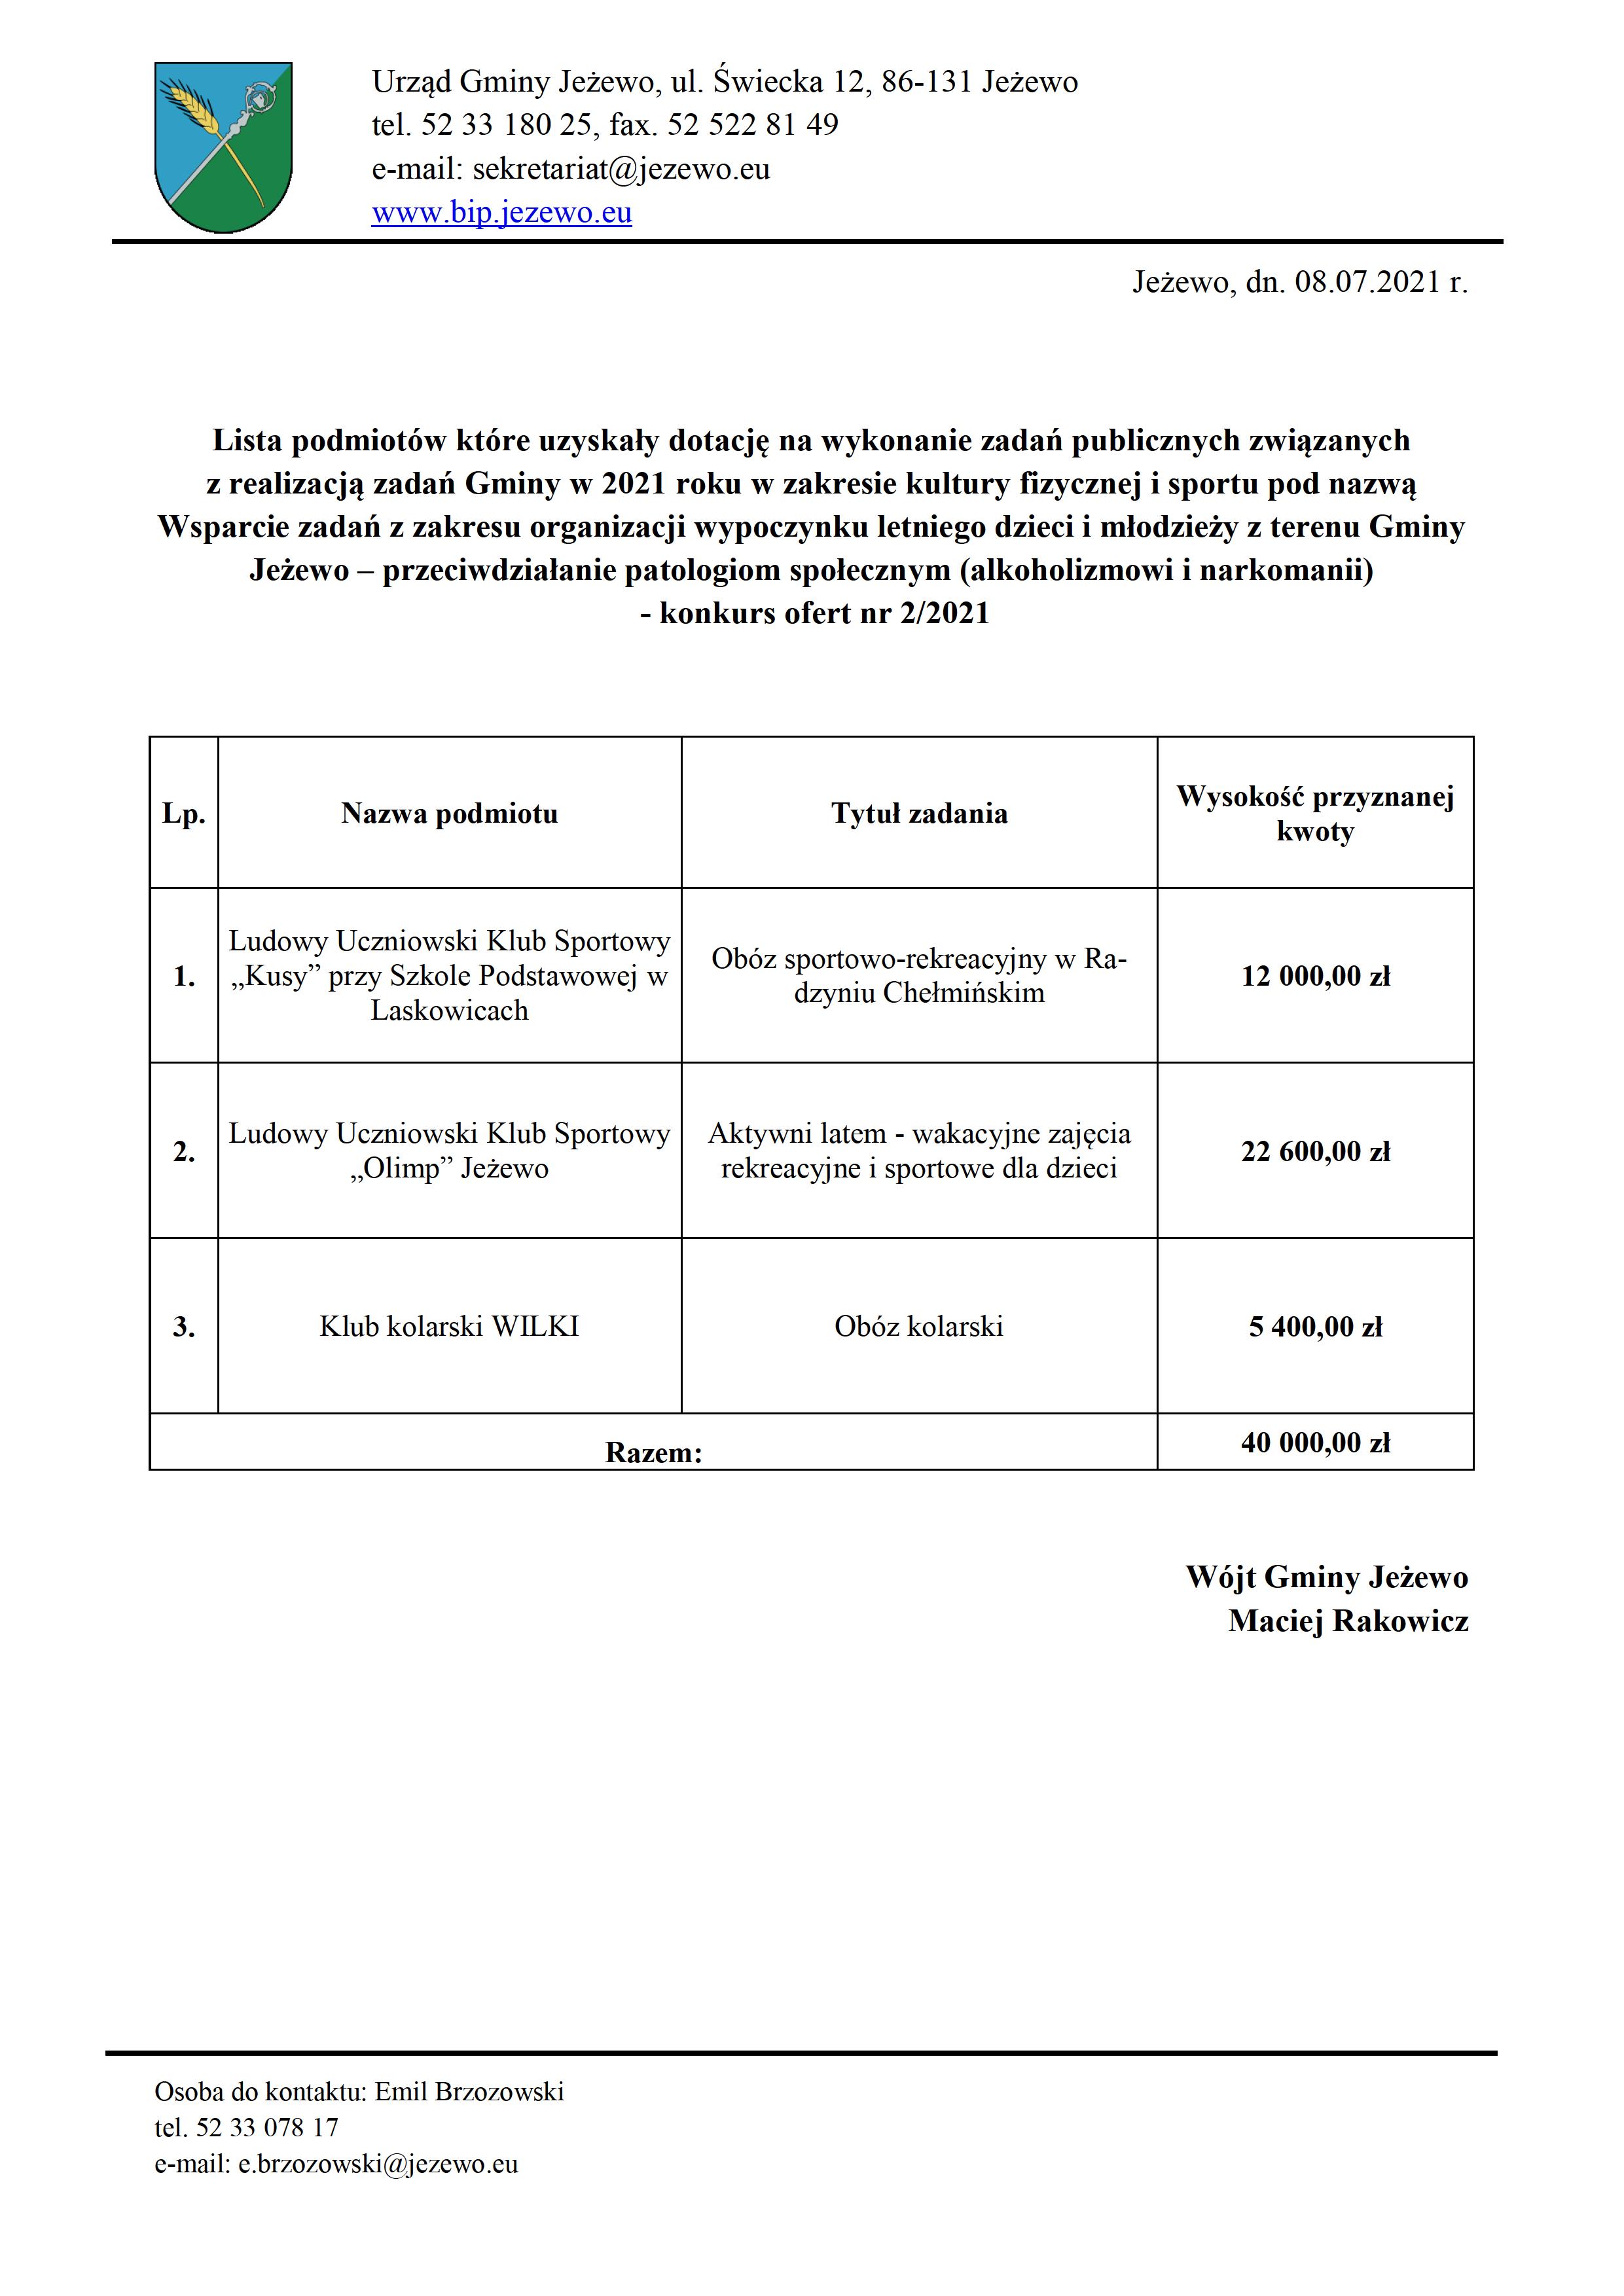 Lista podmiotów które uzyskały dotację w konkursie 2_2021